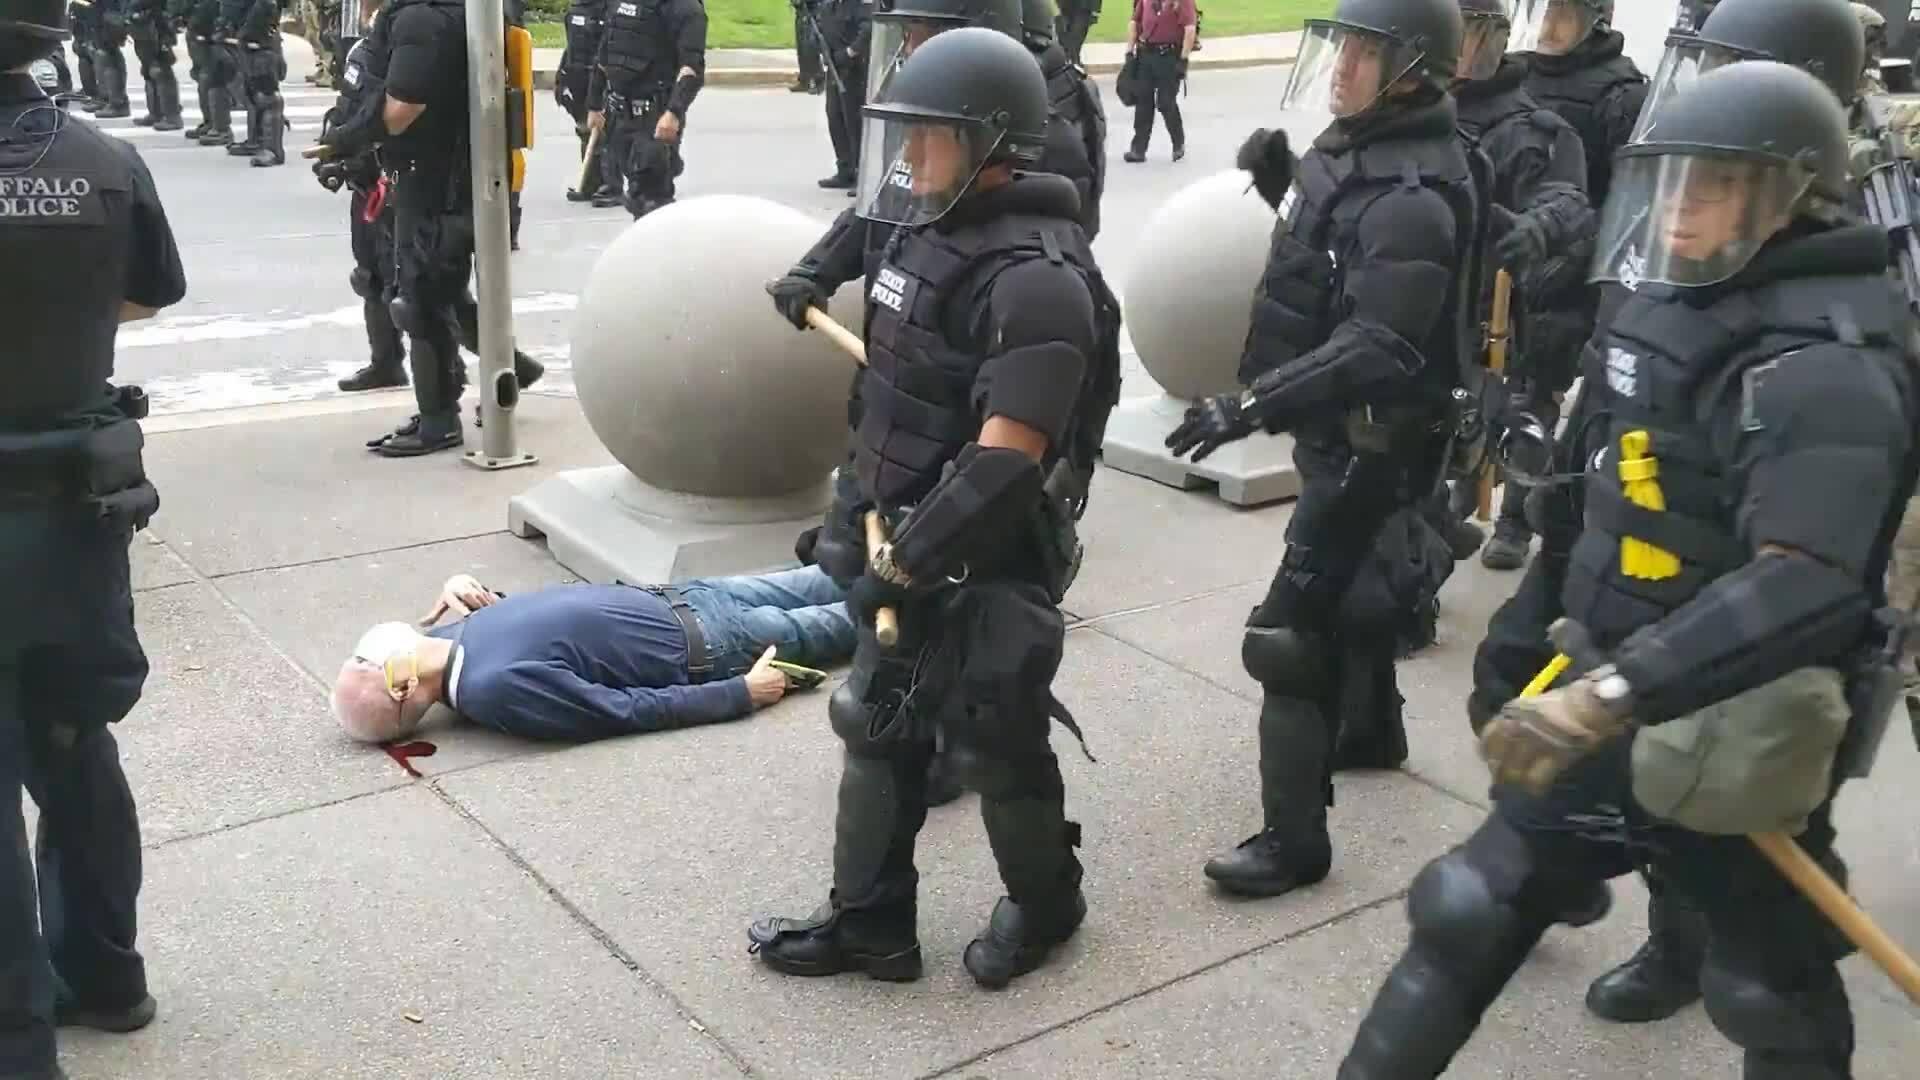 Cảnh sát Mỹ đẩyngười biểu tình ngã chảy máu